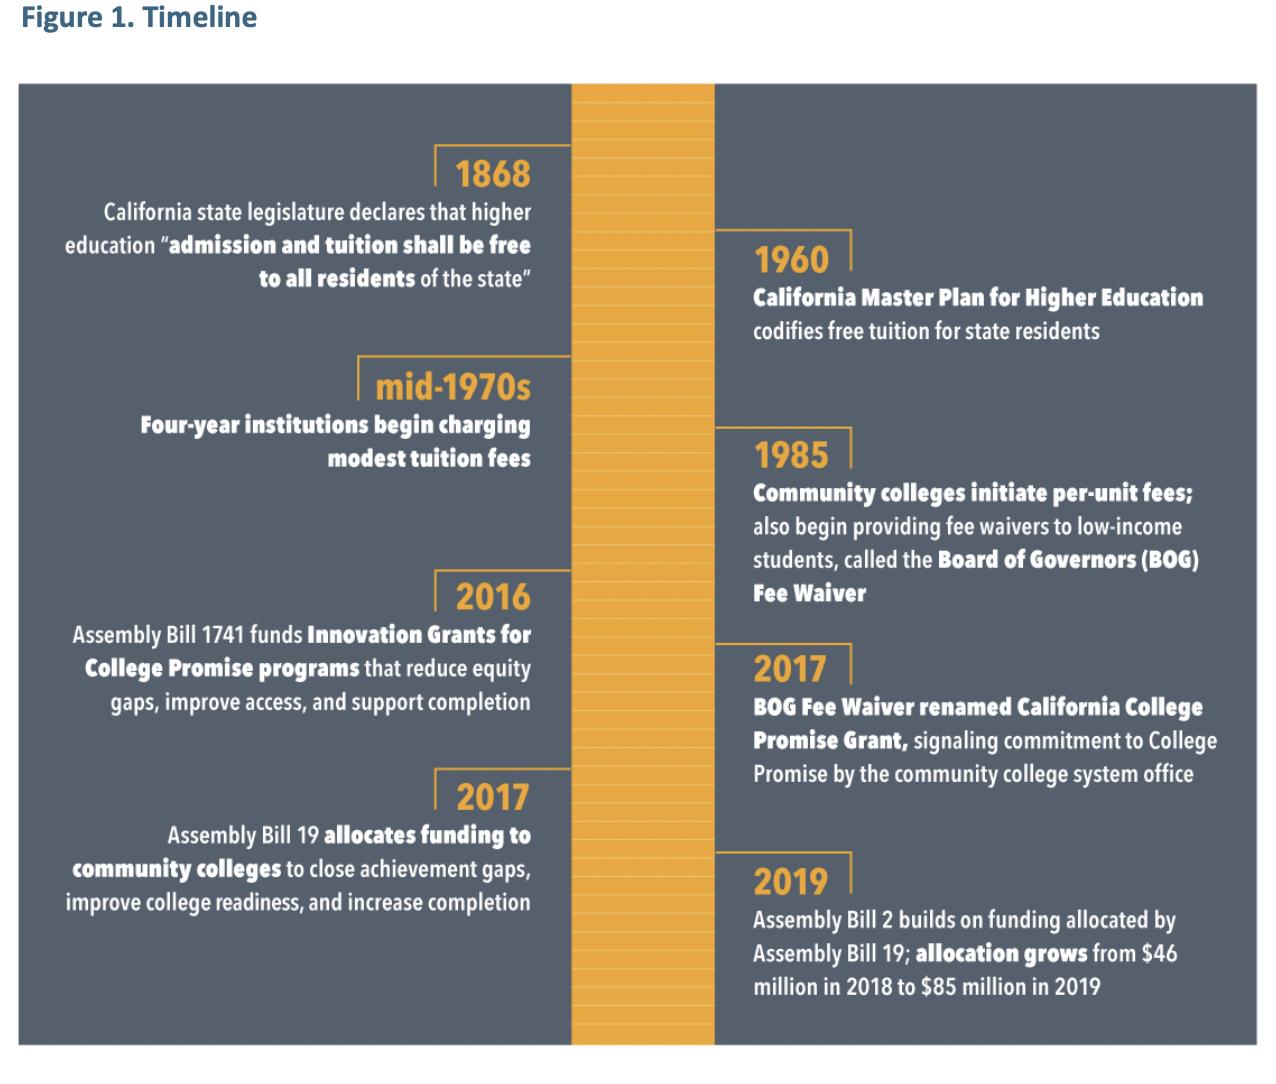 Figure 1, Timeline